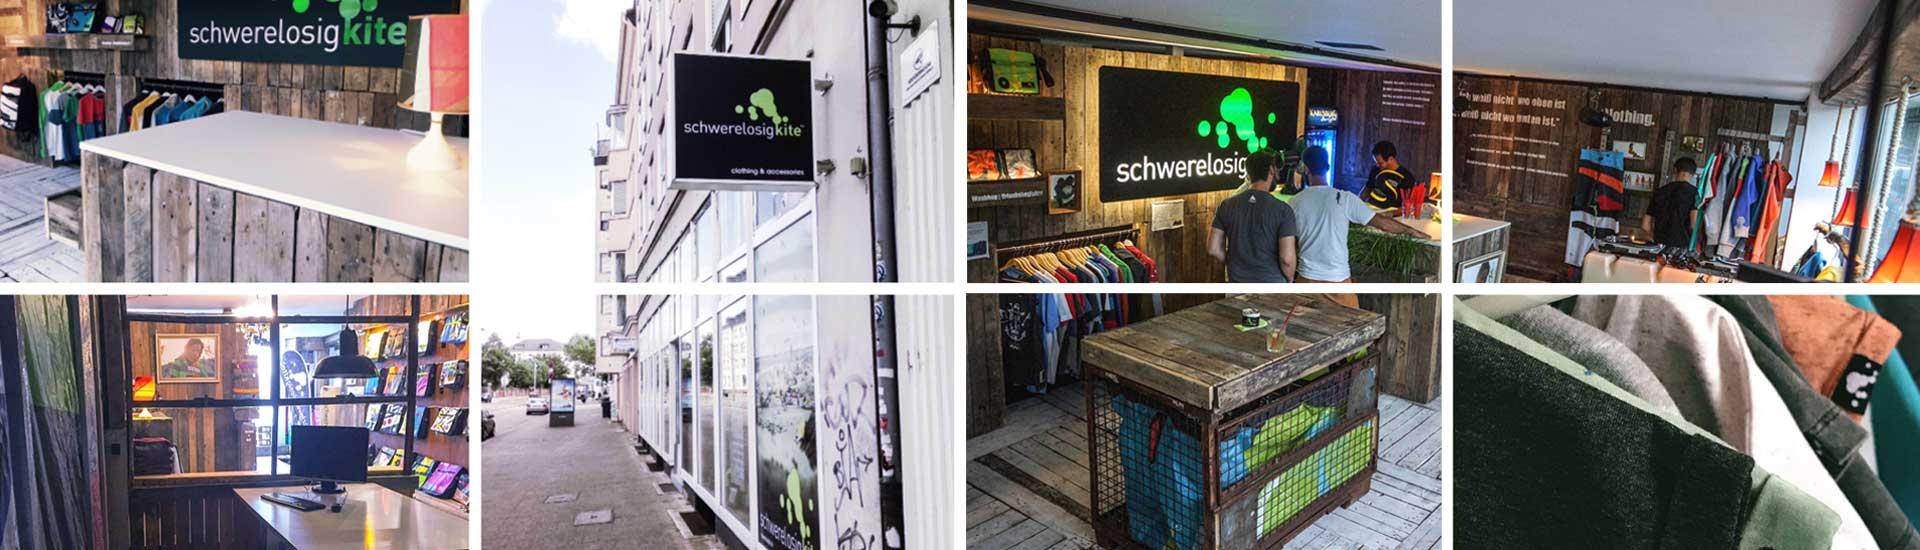 Flagship Store Schwerelosigkite SWLK